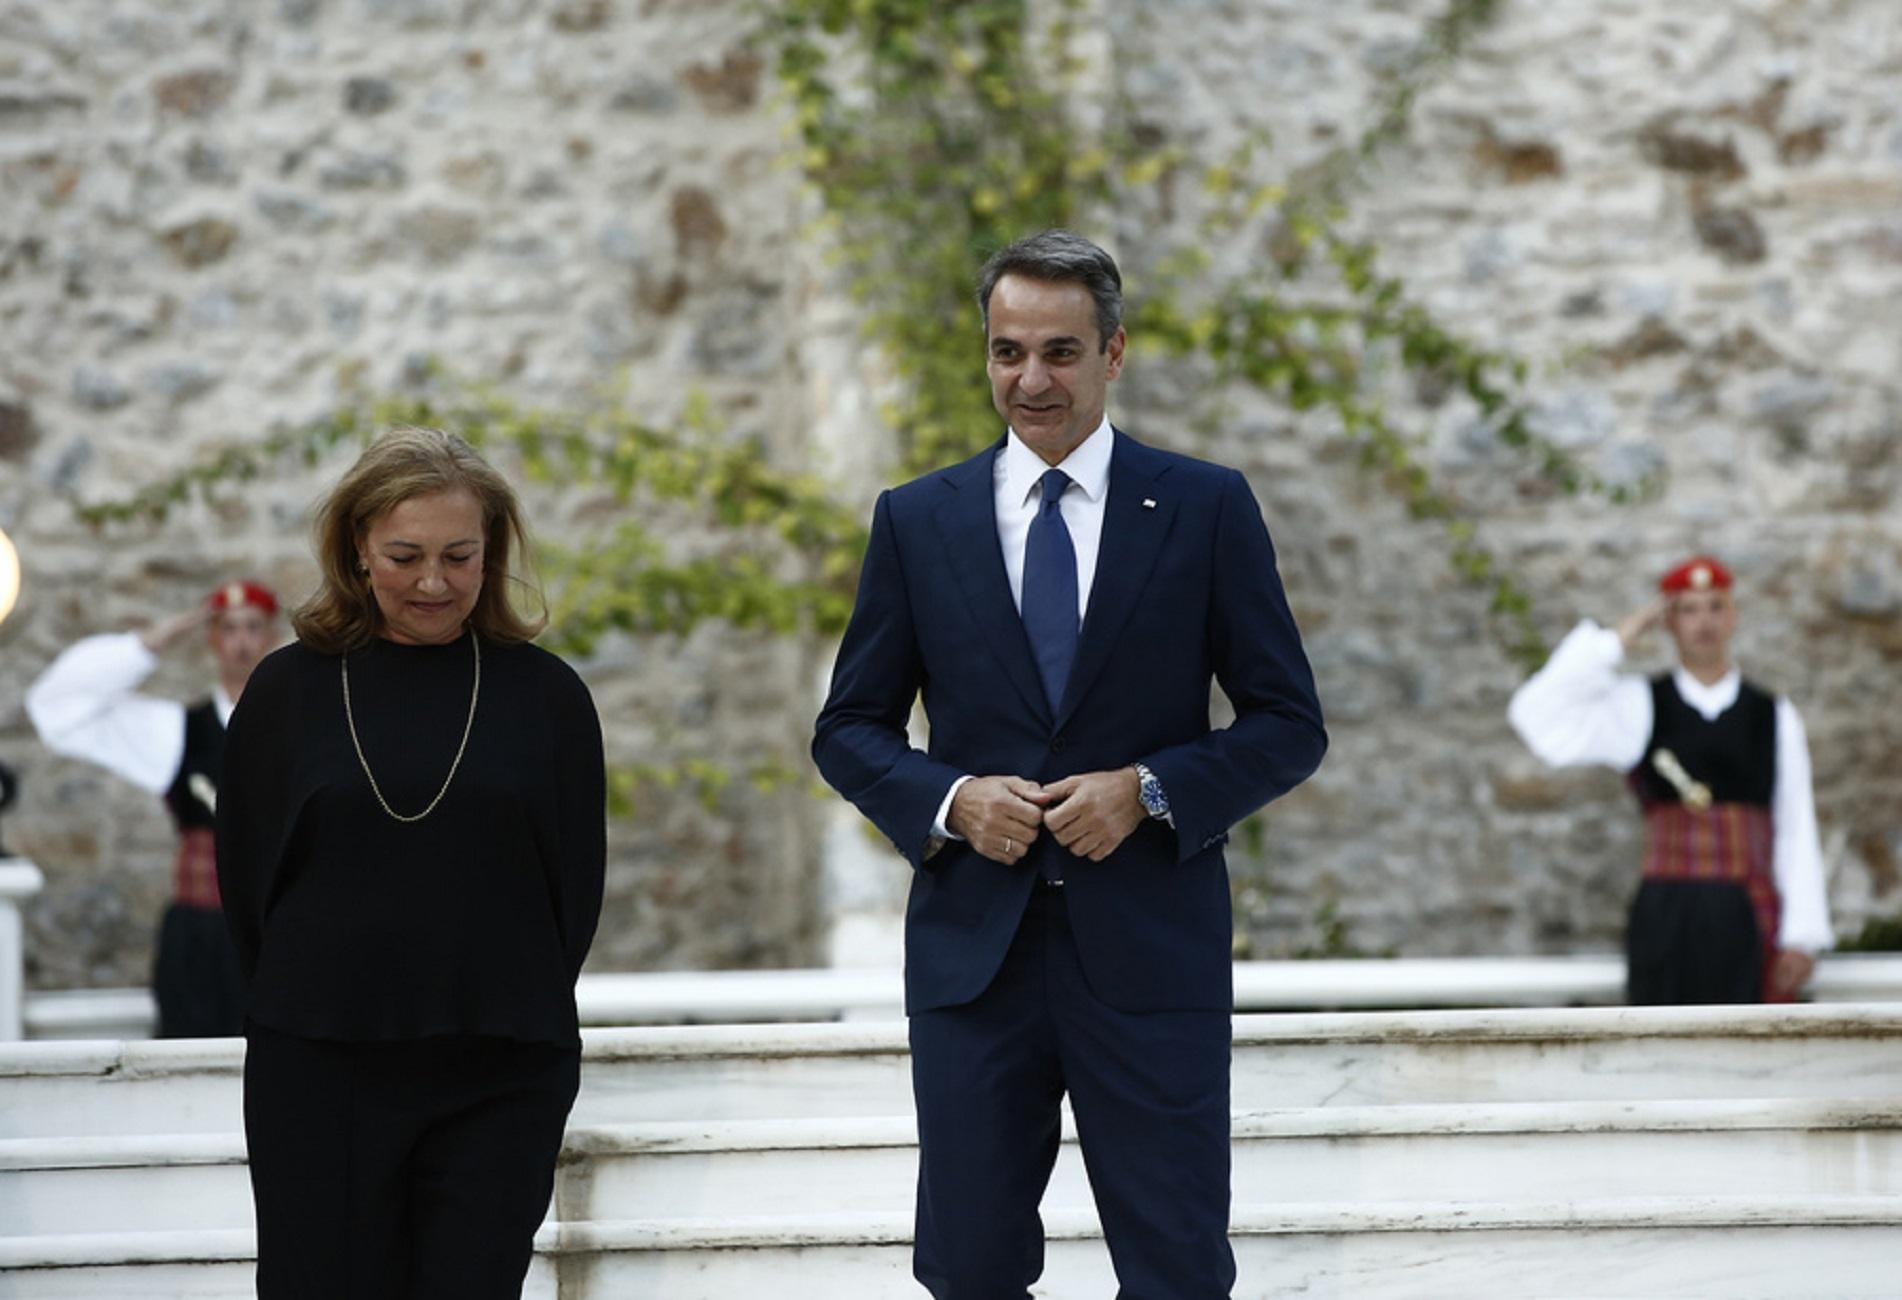 Ο πρωθυπουργός Κυριάκος Μητσοτάκης προσέρχεται στη δεξίωση για την 46η επέτειο αποκατάστασης της Δημοκρατίας στη χώρα μας, στο Προεδρικό Μέγαρο, Αθήνα Παρασκευή 24 Ιουλίου 2020. ΑΠΕ-ΜΠΕ/ΑΠΕ-ΜΠΕ/ΓΙΑΝΝΗΣ ΚΟΛΕΣΙΔΗΣ